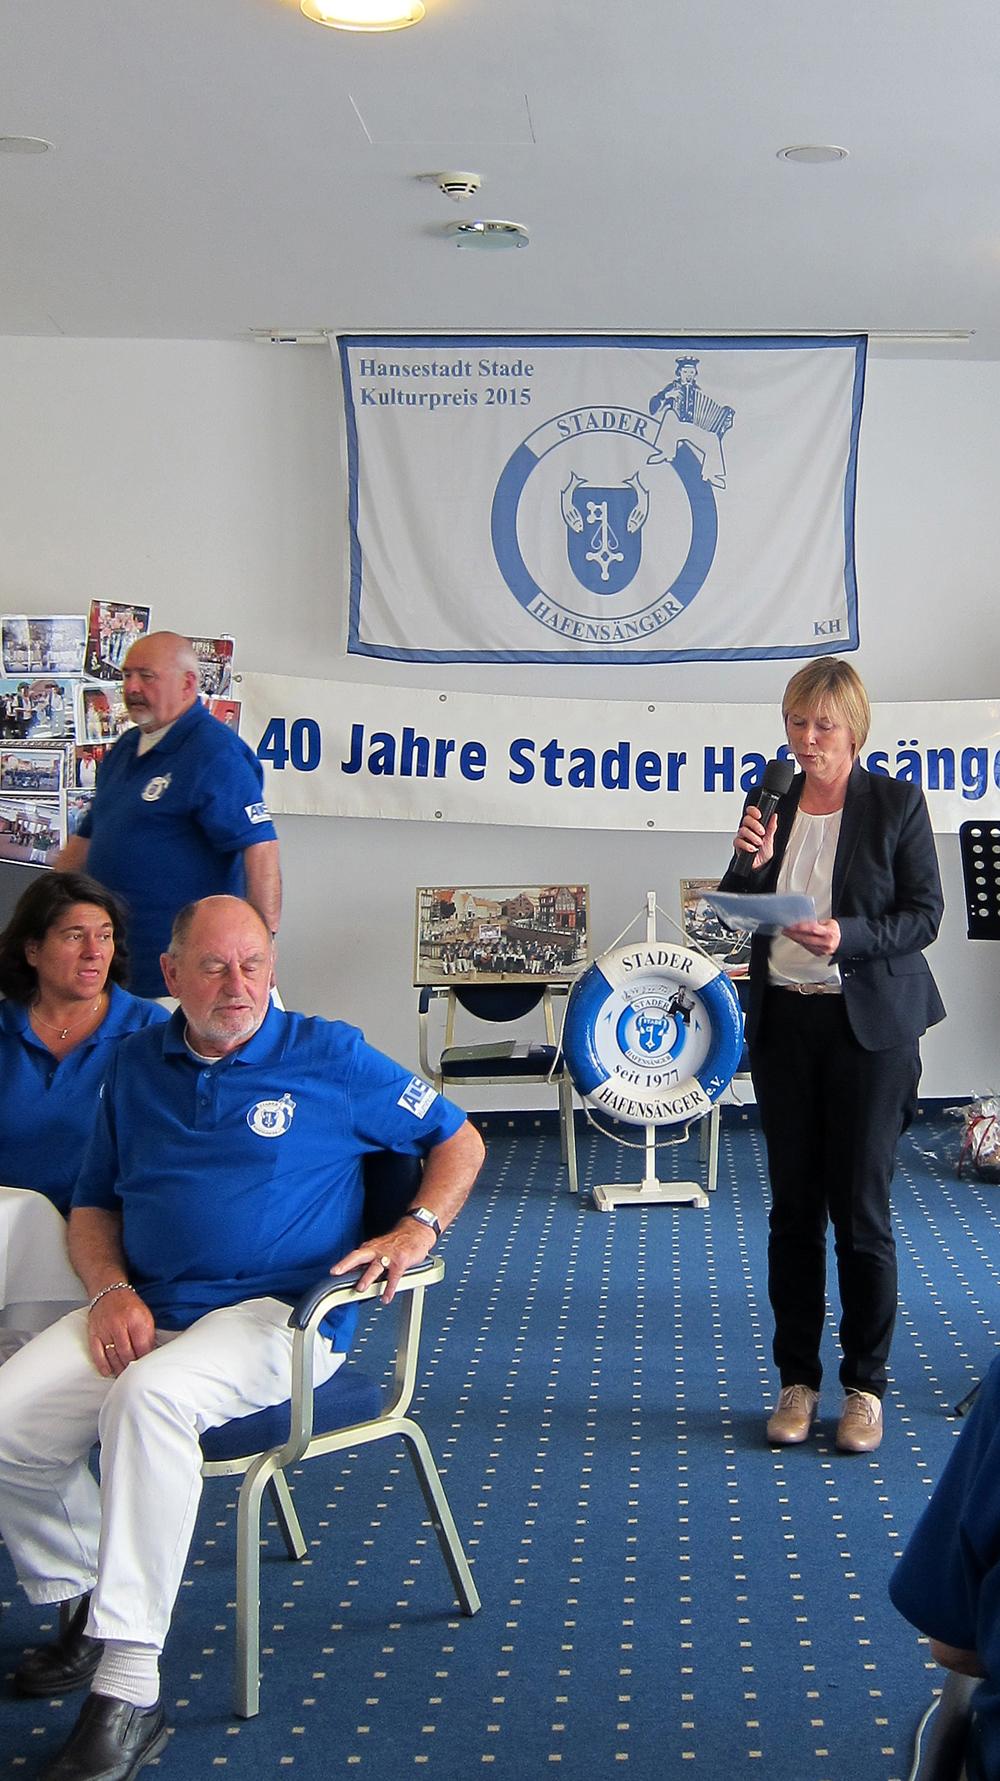 Glückwünsche bekamen wir von der Stader Bürgermeisterin Silvia Nieber...